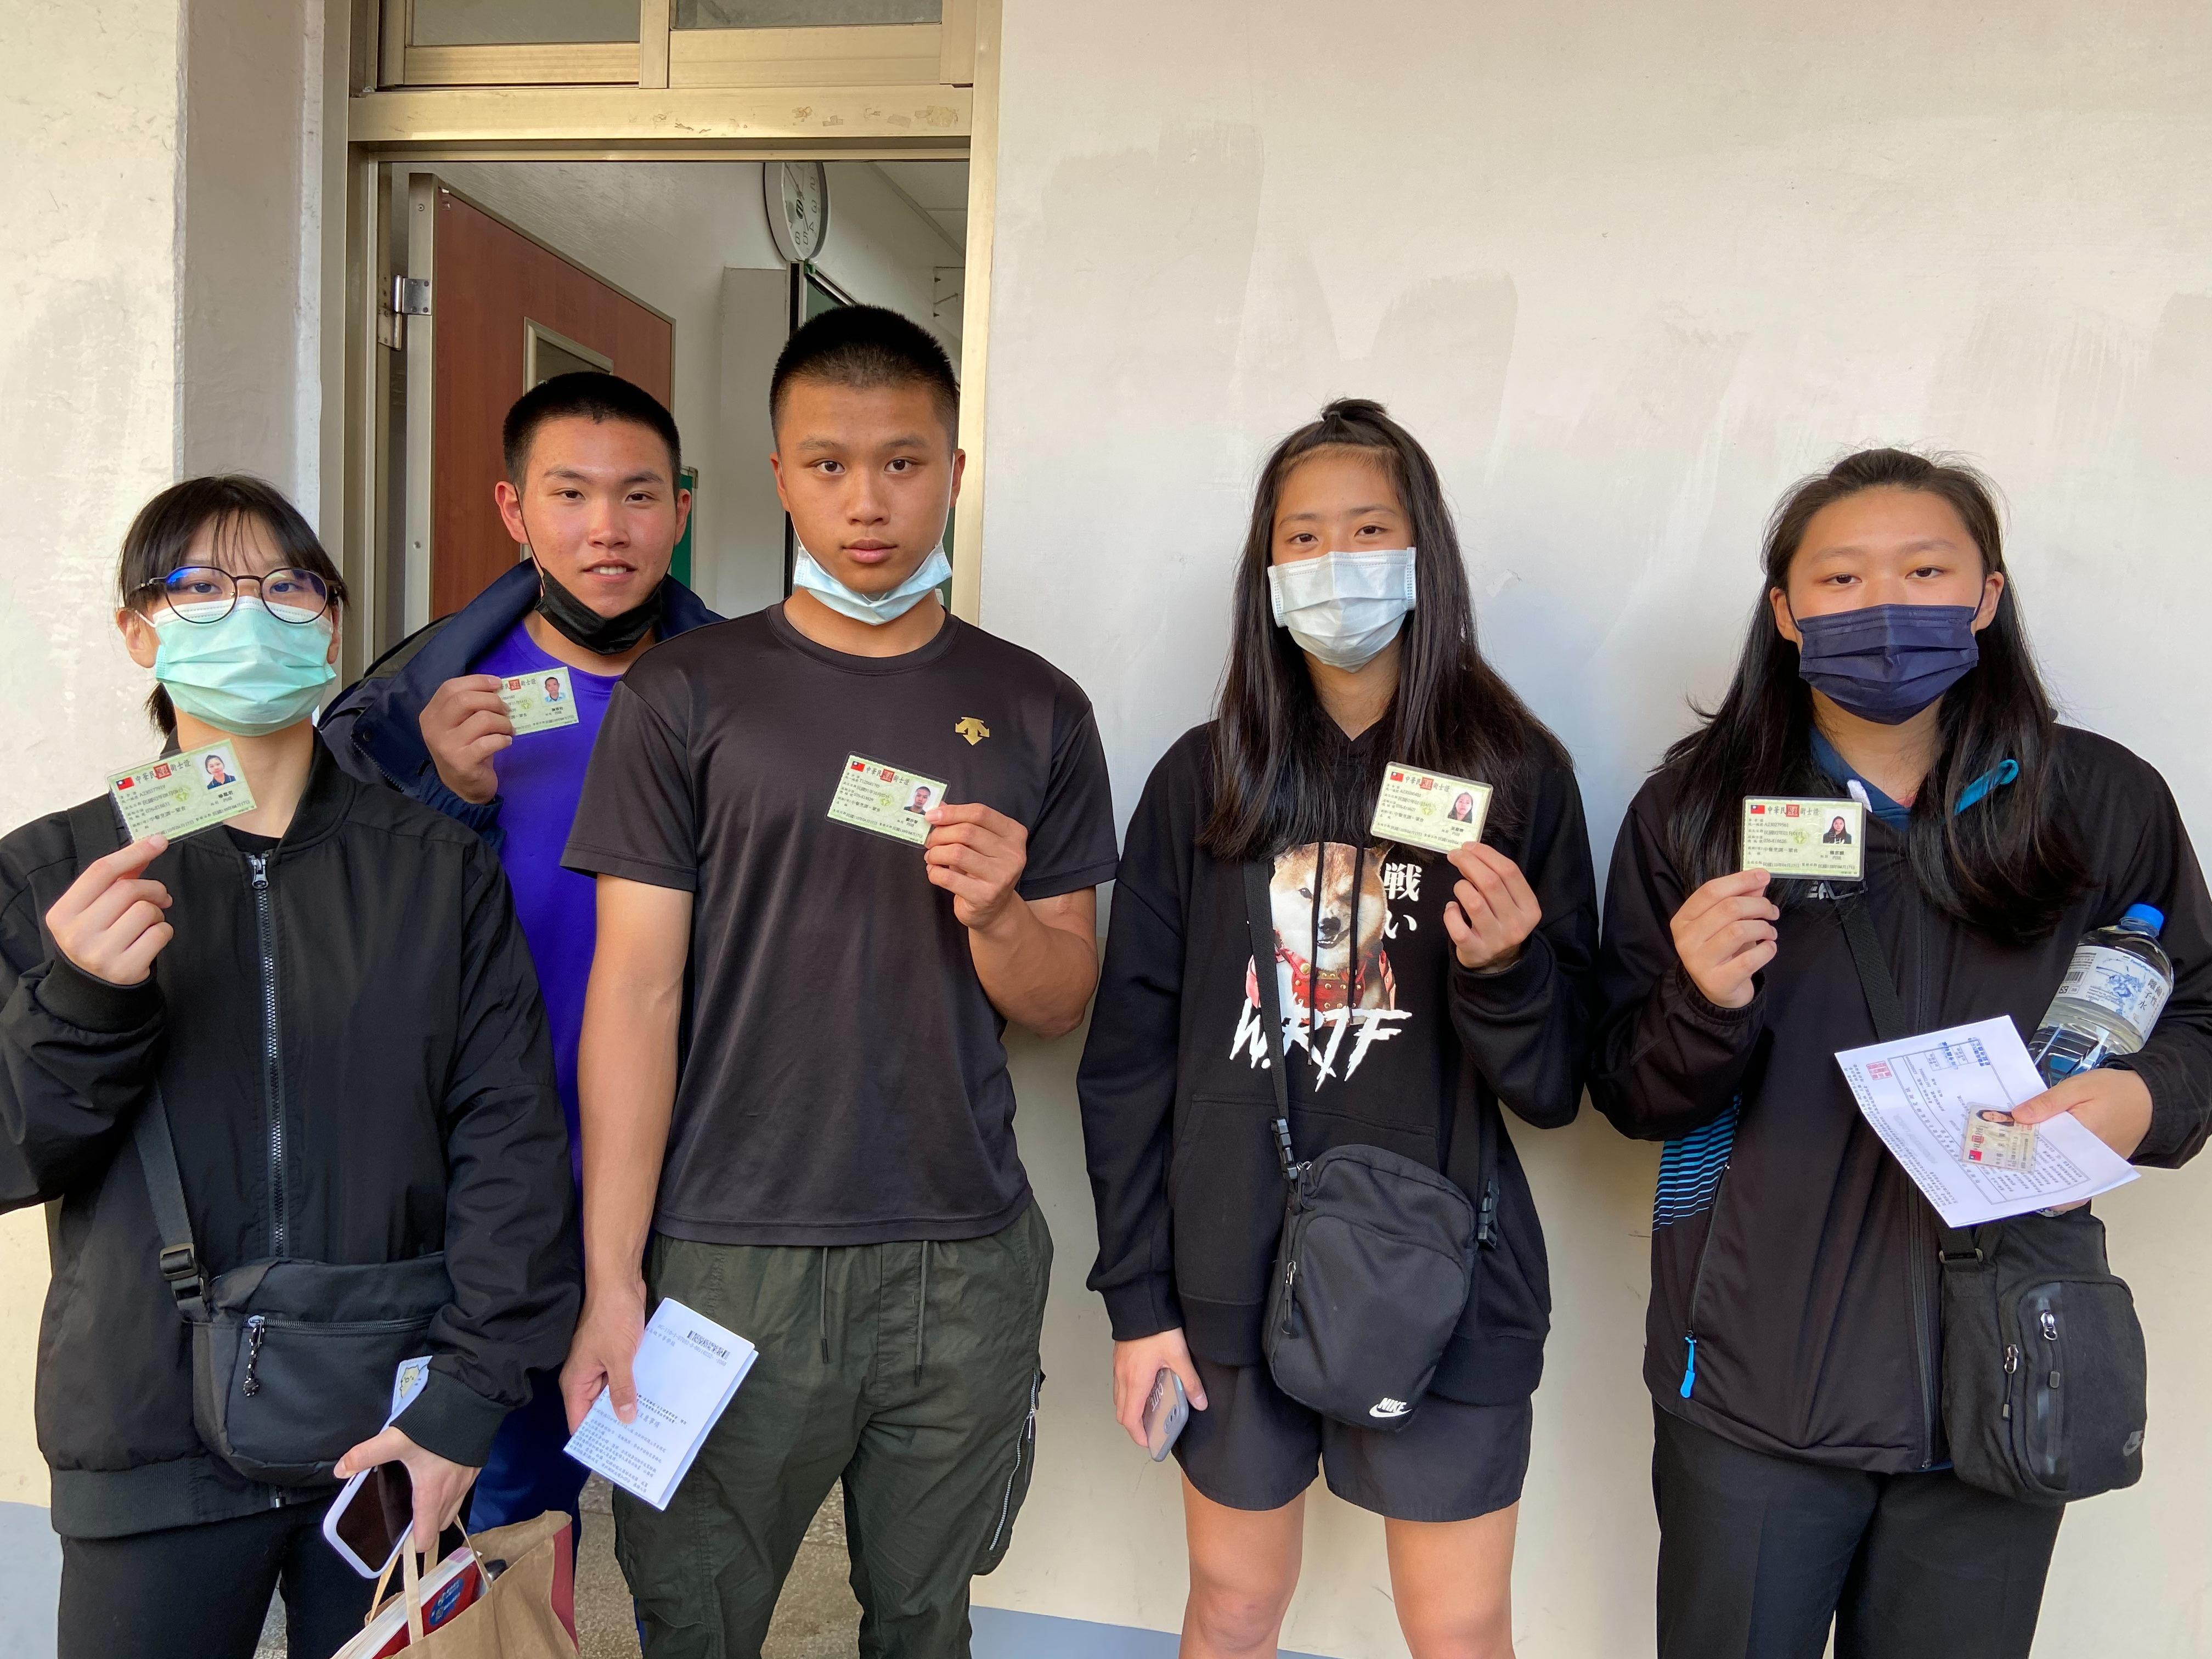 05取得技術士證照的學生於檢定現場合影